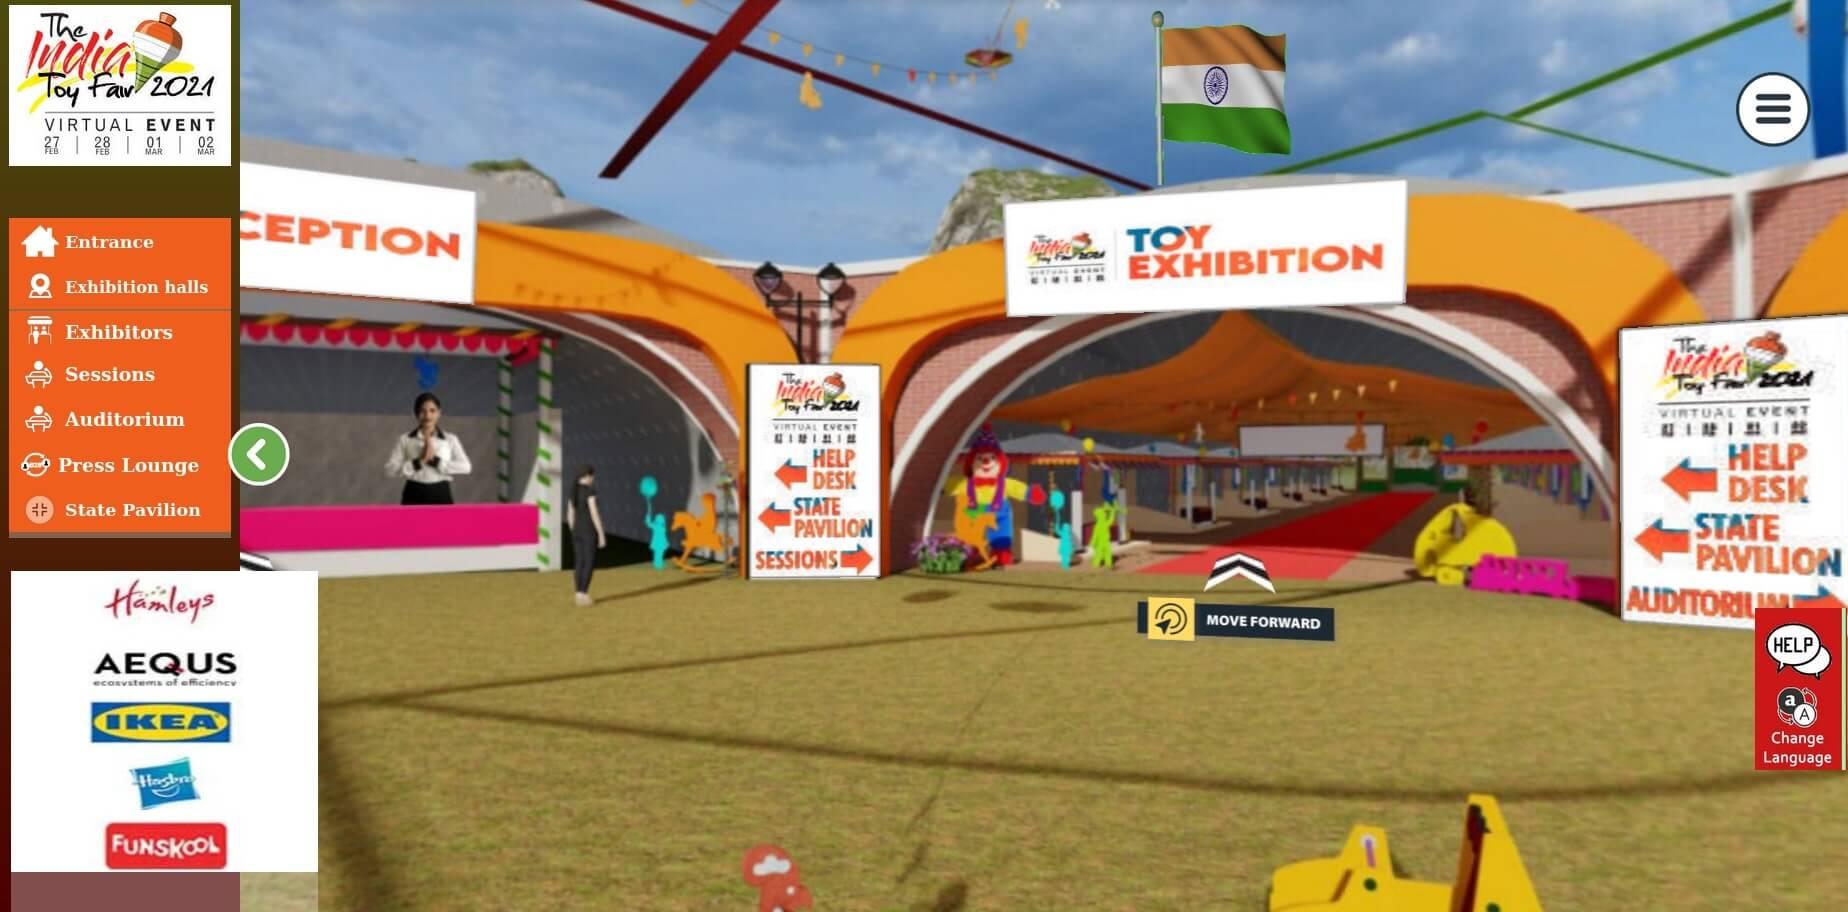 Virtual Toy Fair